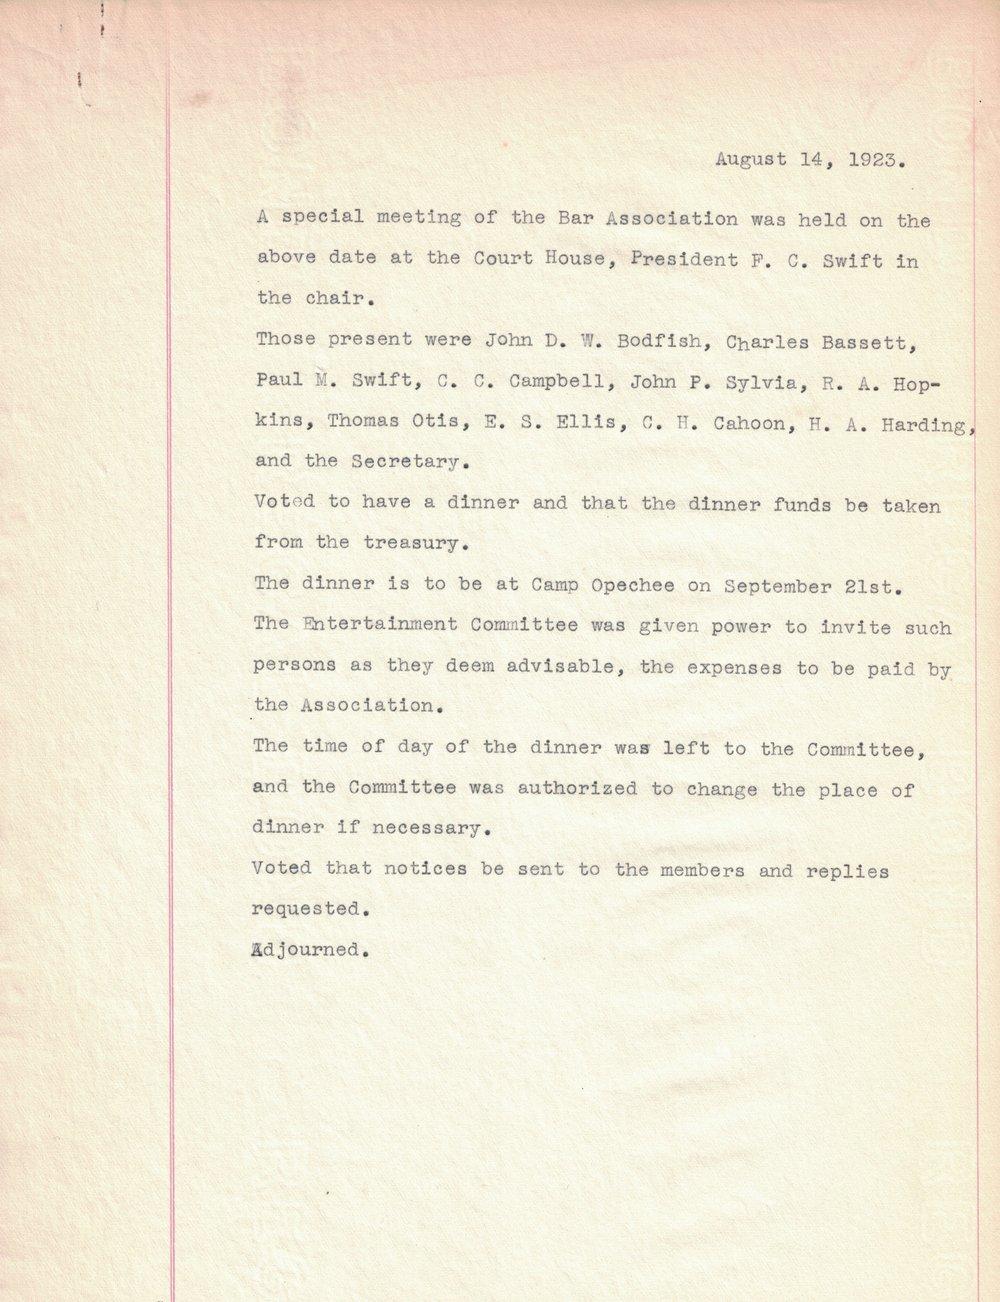 1923 Meeting